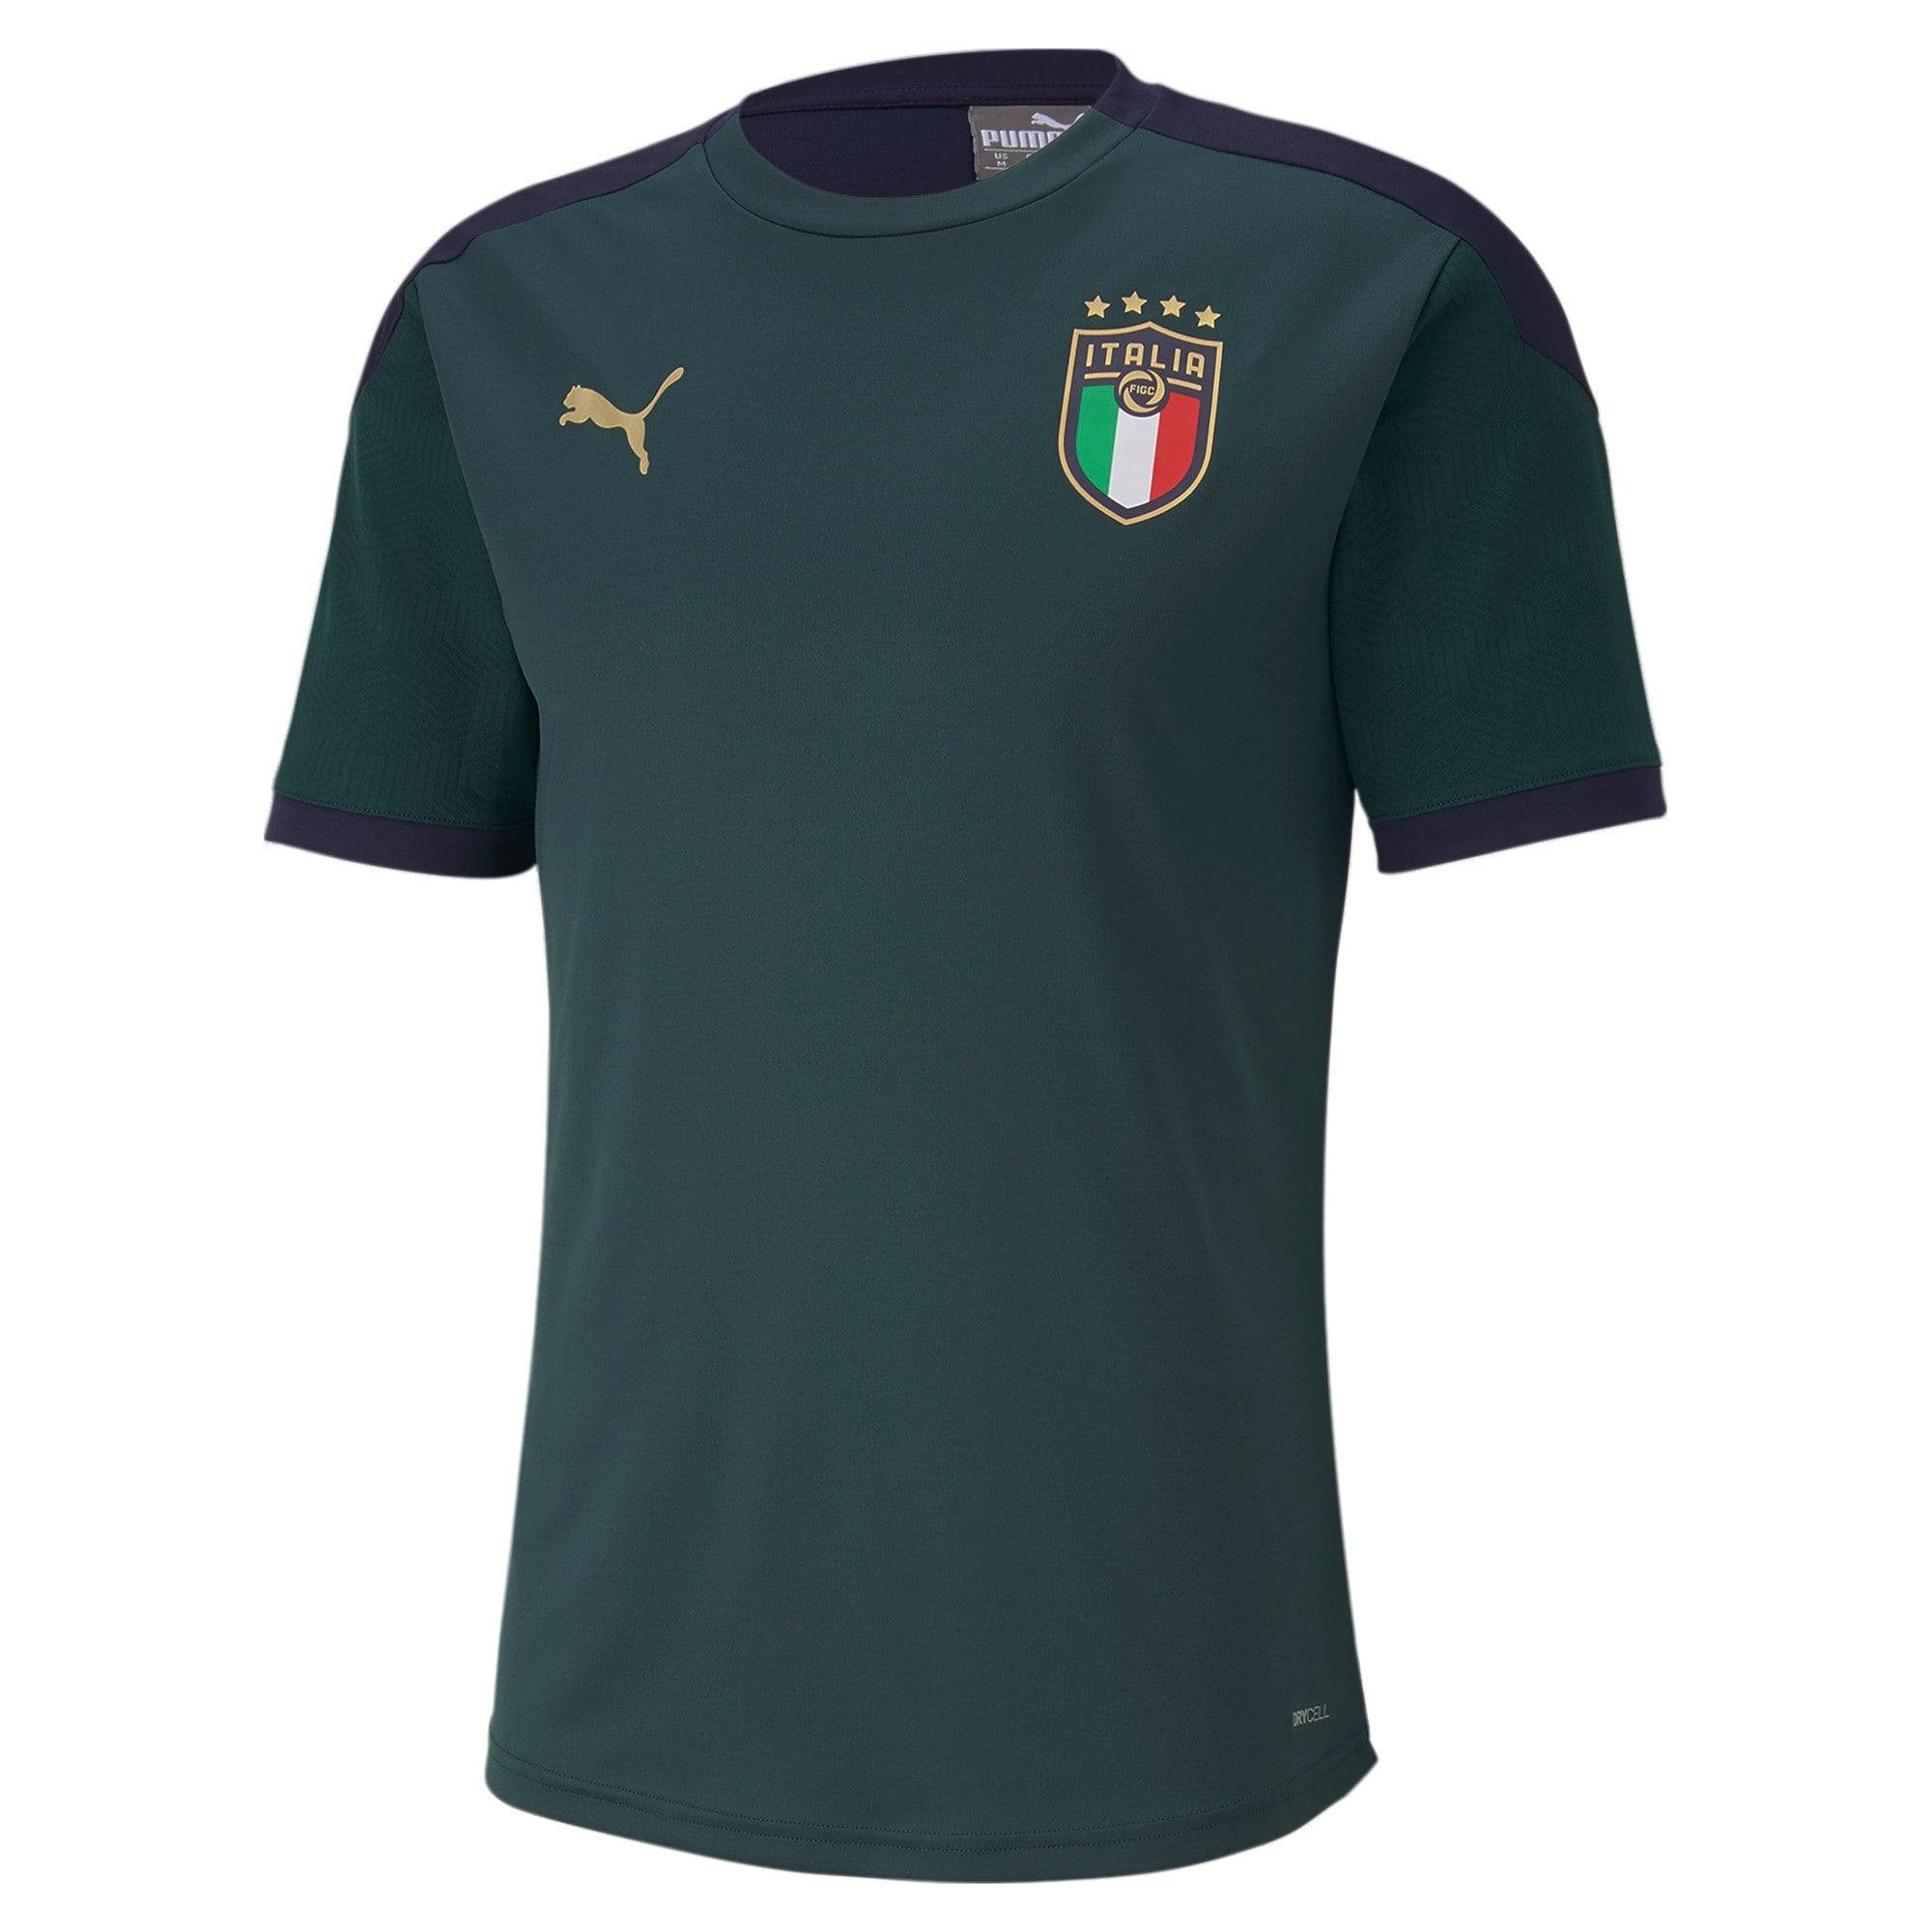 Thumbnail 1 of FIGC イタリア トレーニング シャツ, Ponderosa Pine-Peacoat, medium-JPN